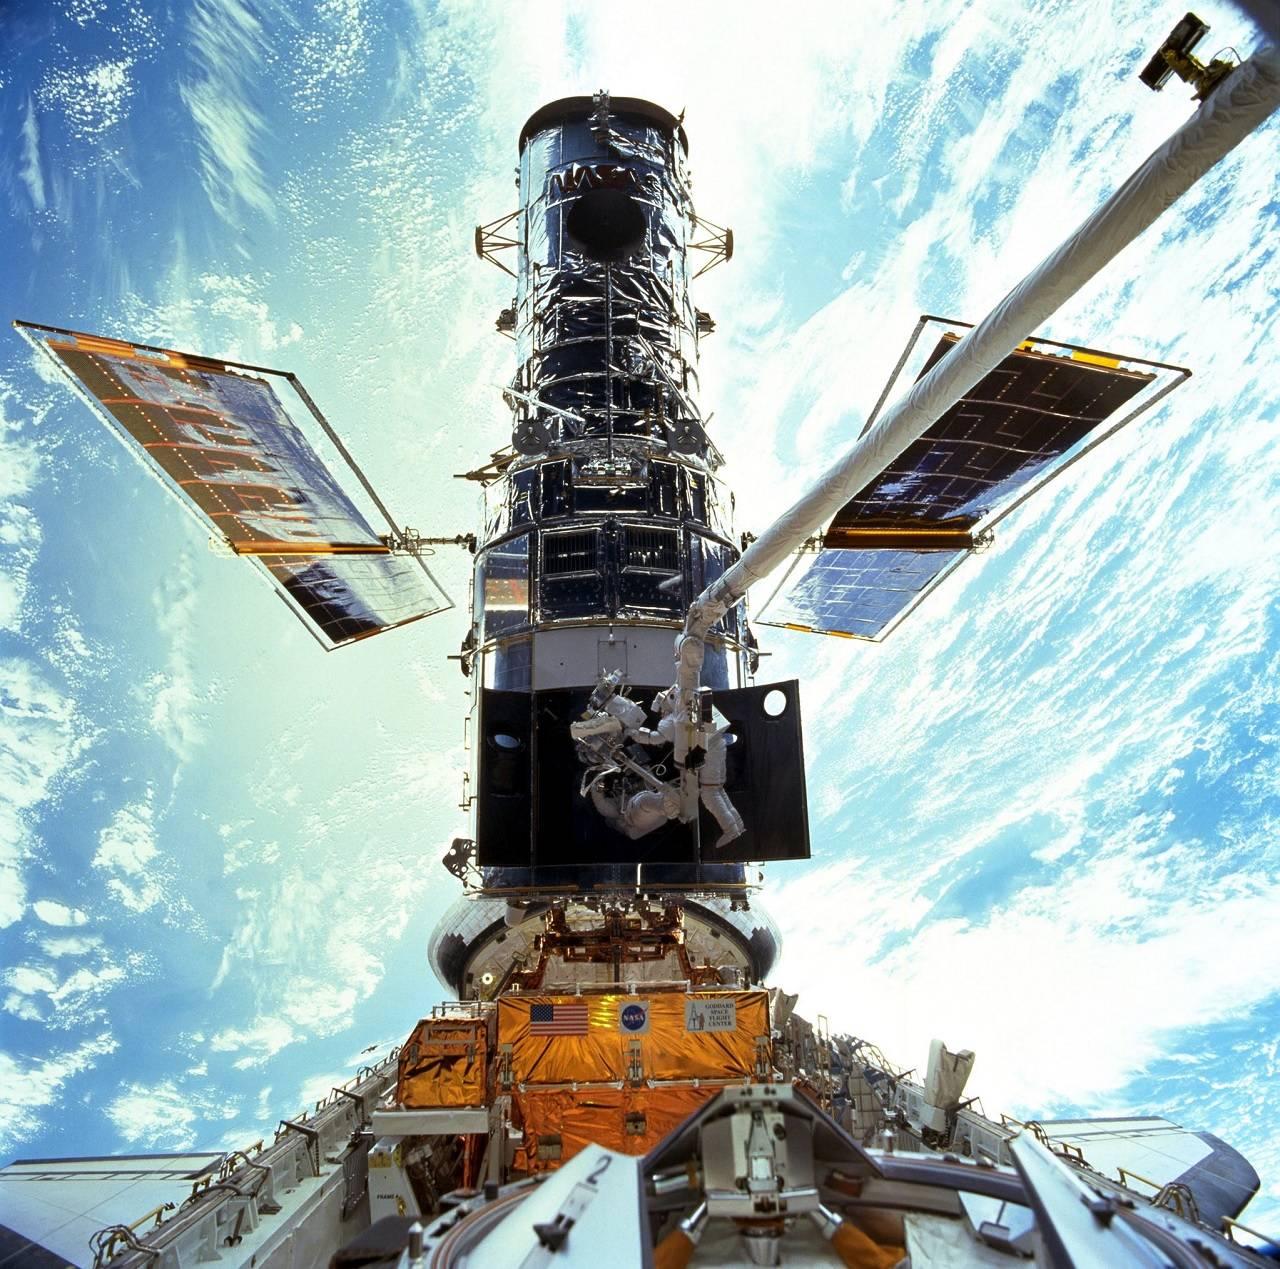 """La NASA muestra deslumbrante imagen de """"Galaxia platillo volador"""" obtenida con el Hubble"""